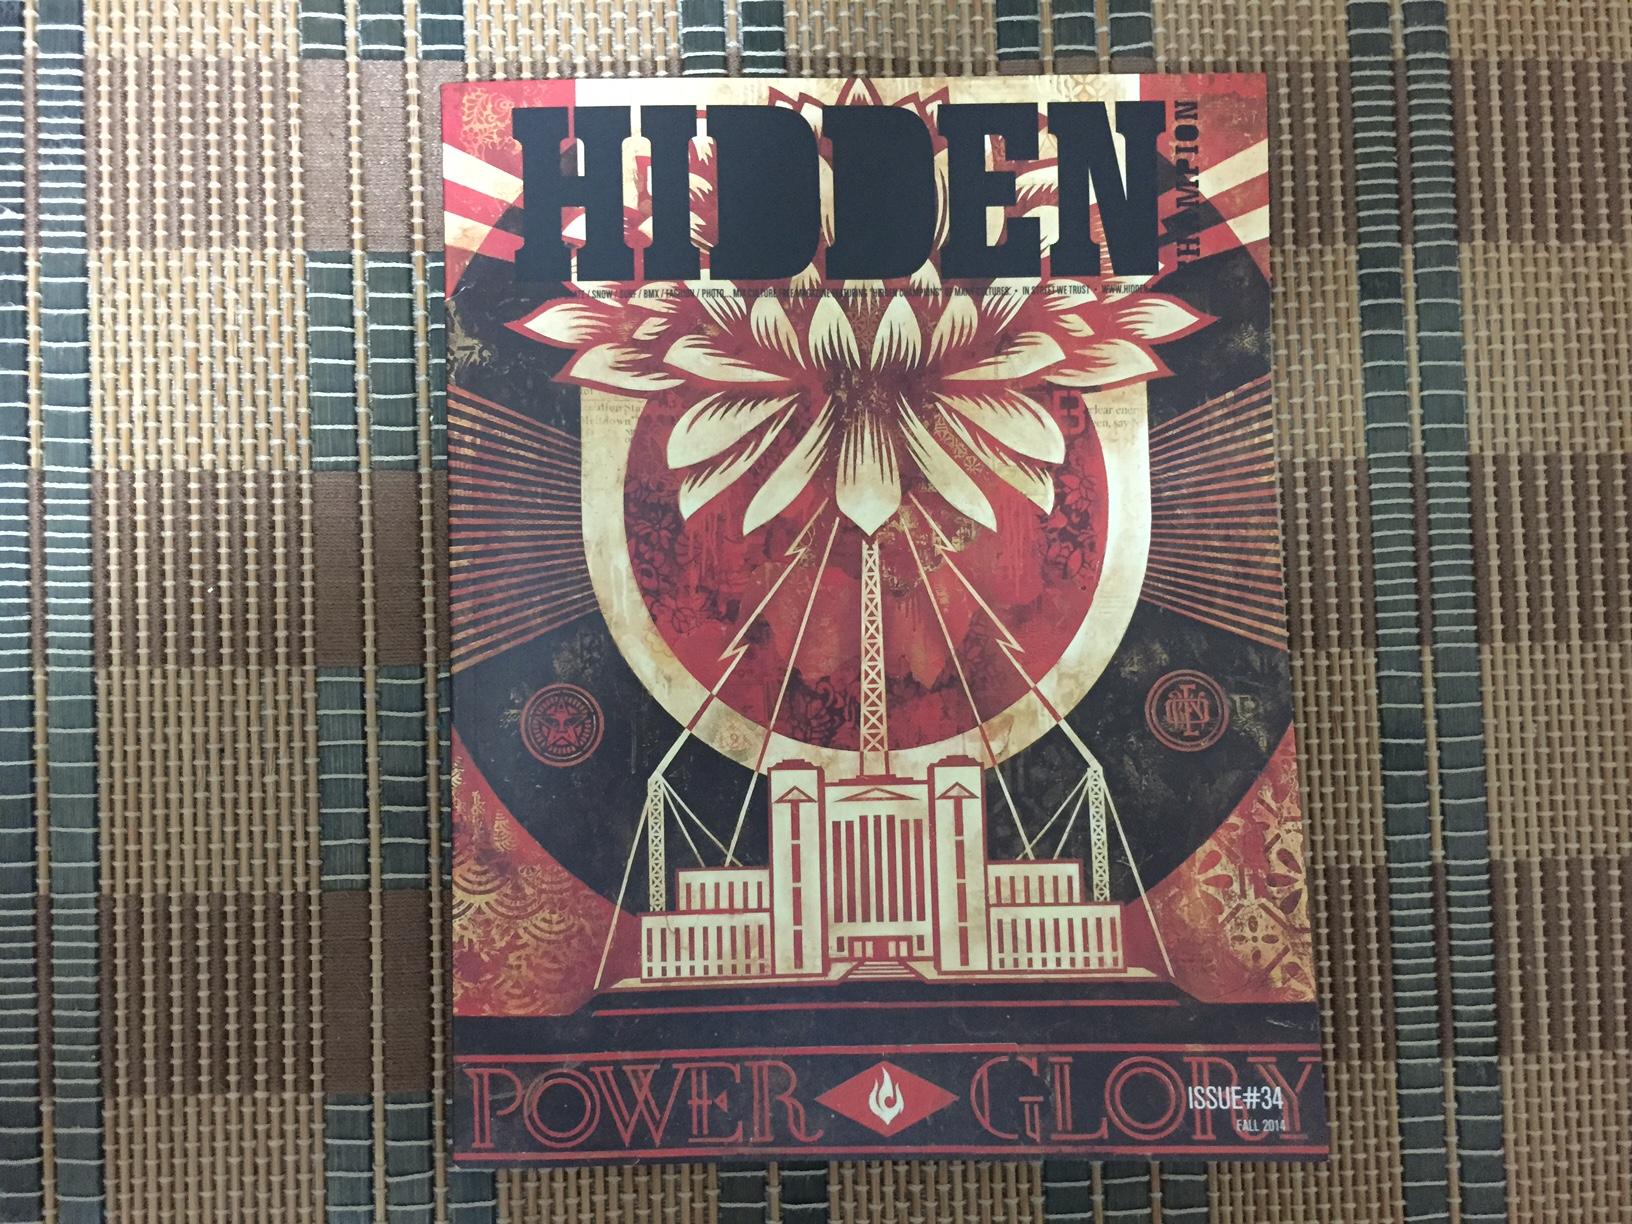 HIDDEN CHAMPION issue#34